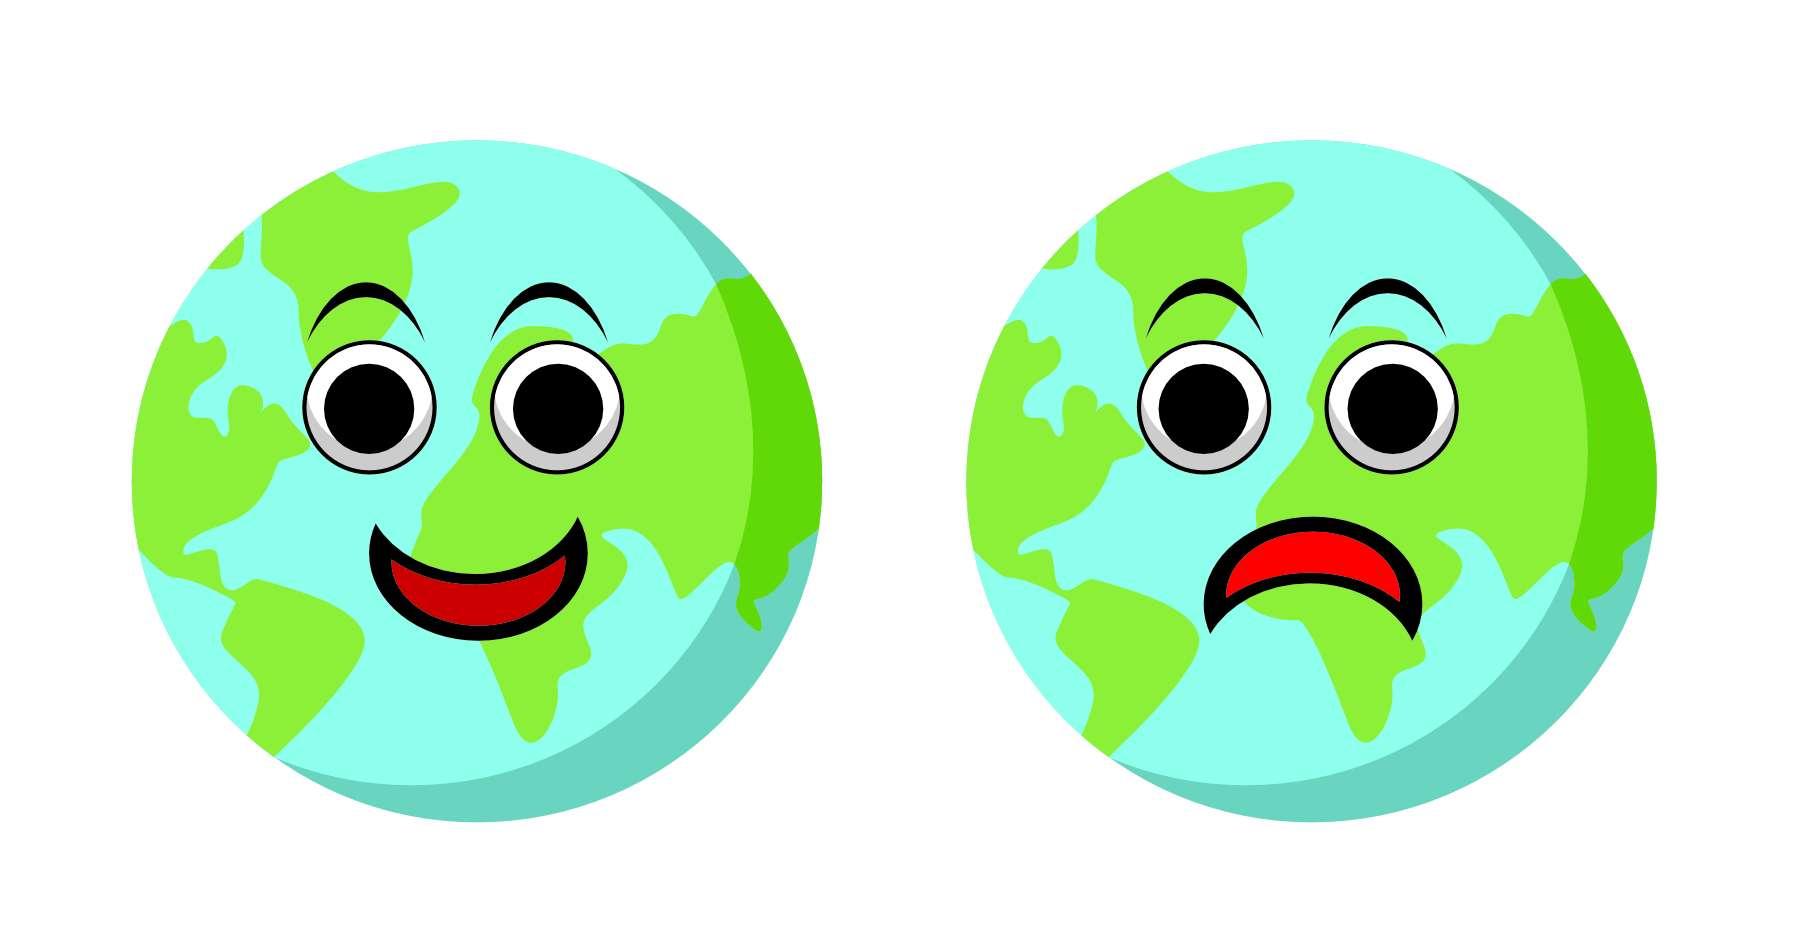 69 % des citoyens jugent le changement climatique comme un problème « grave » ou « très grave » et seulement un sur 10 (9 %) ne se sentent pas du tout préoccupés. © Ipock Studio, Adobe Stock